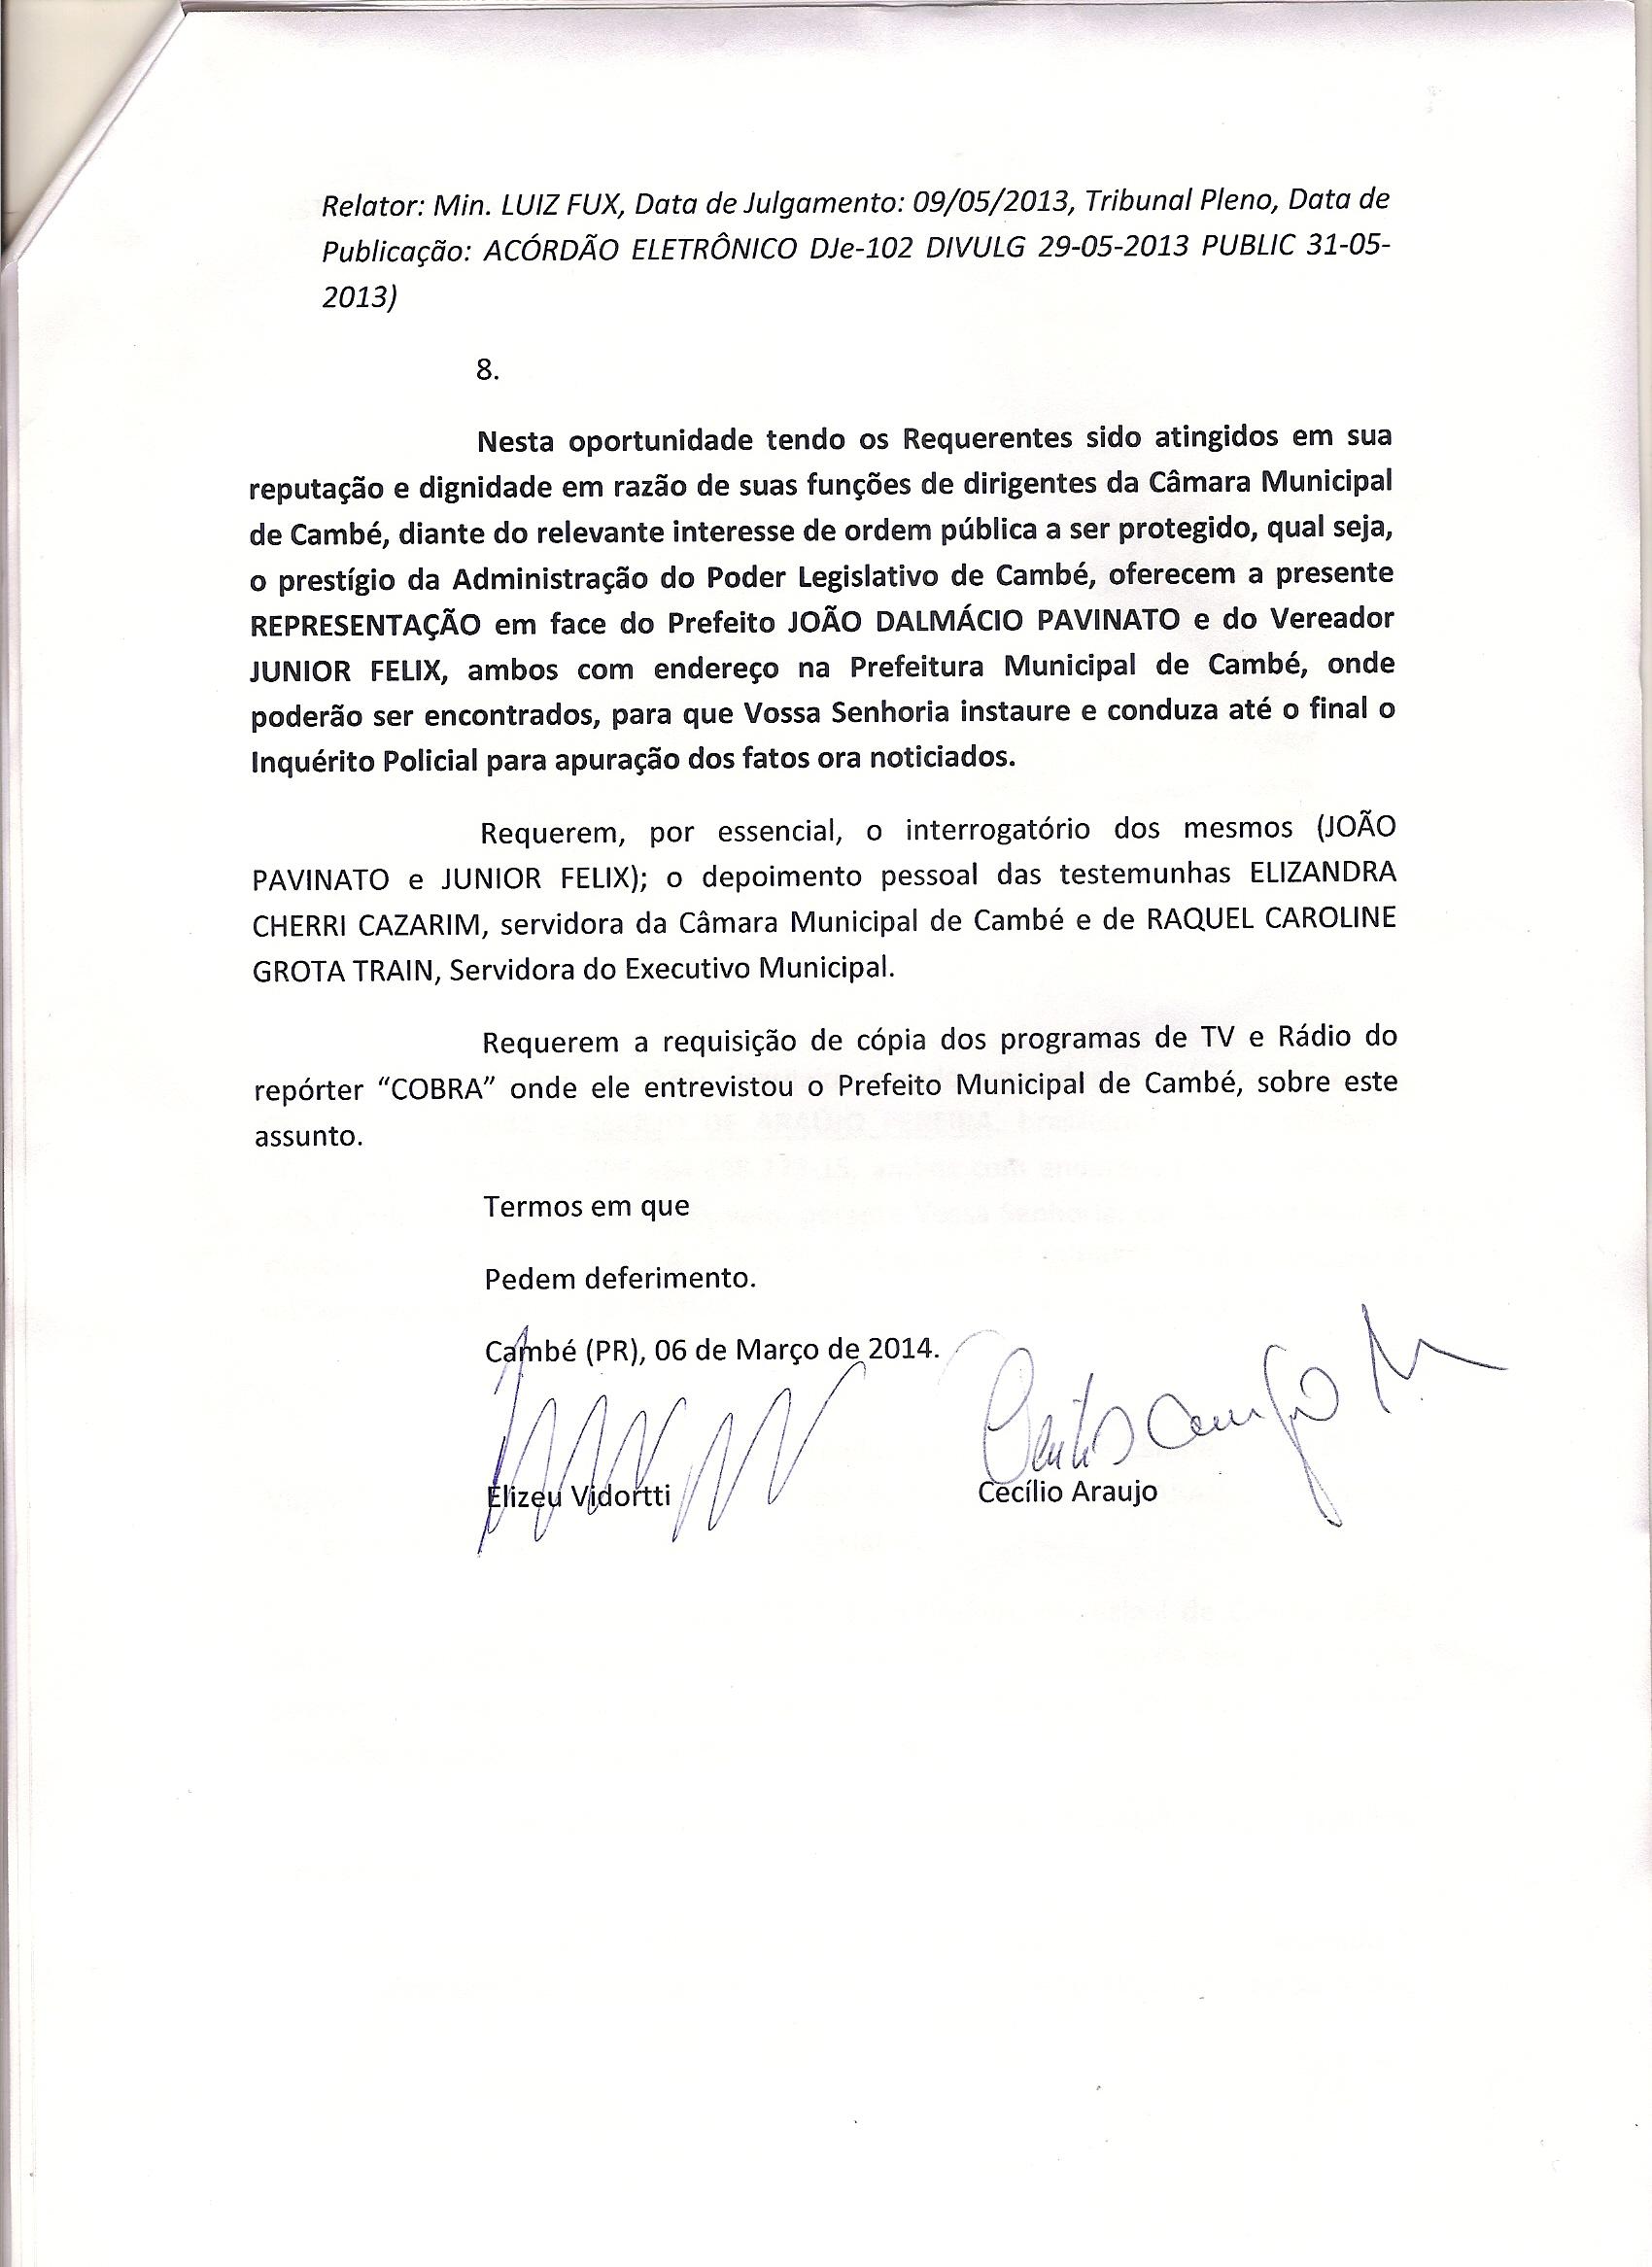 Agência do Trabalhador de Cambé ( Sine) passa atender em novo endereço à partir do dia 10 de março ( próxima segunda-feira)